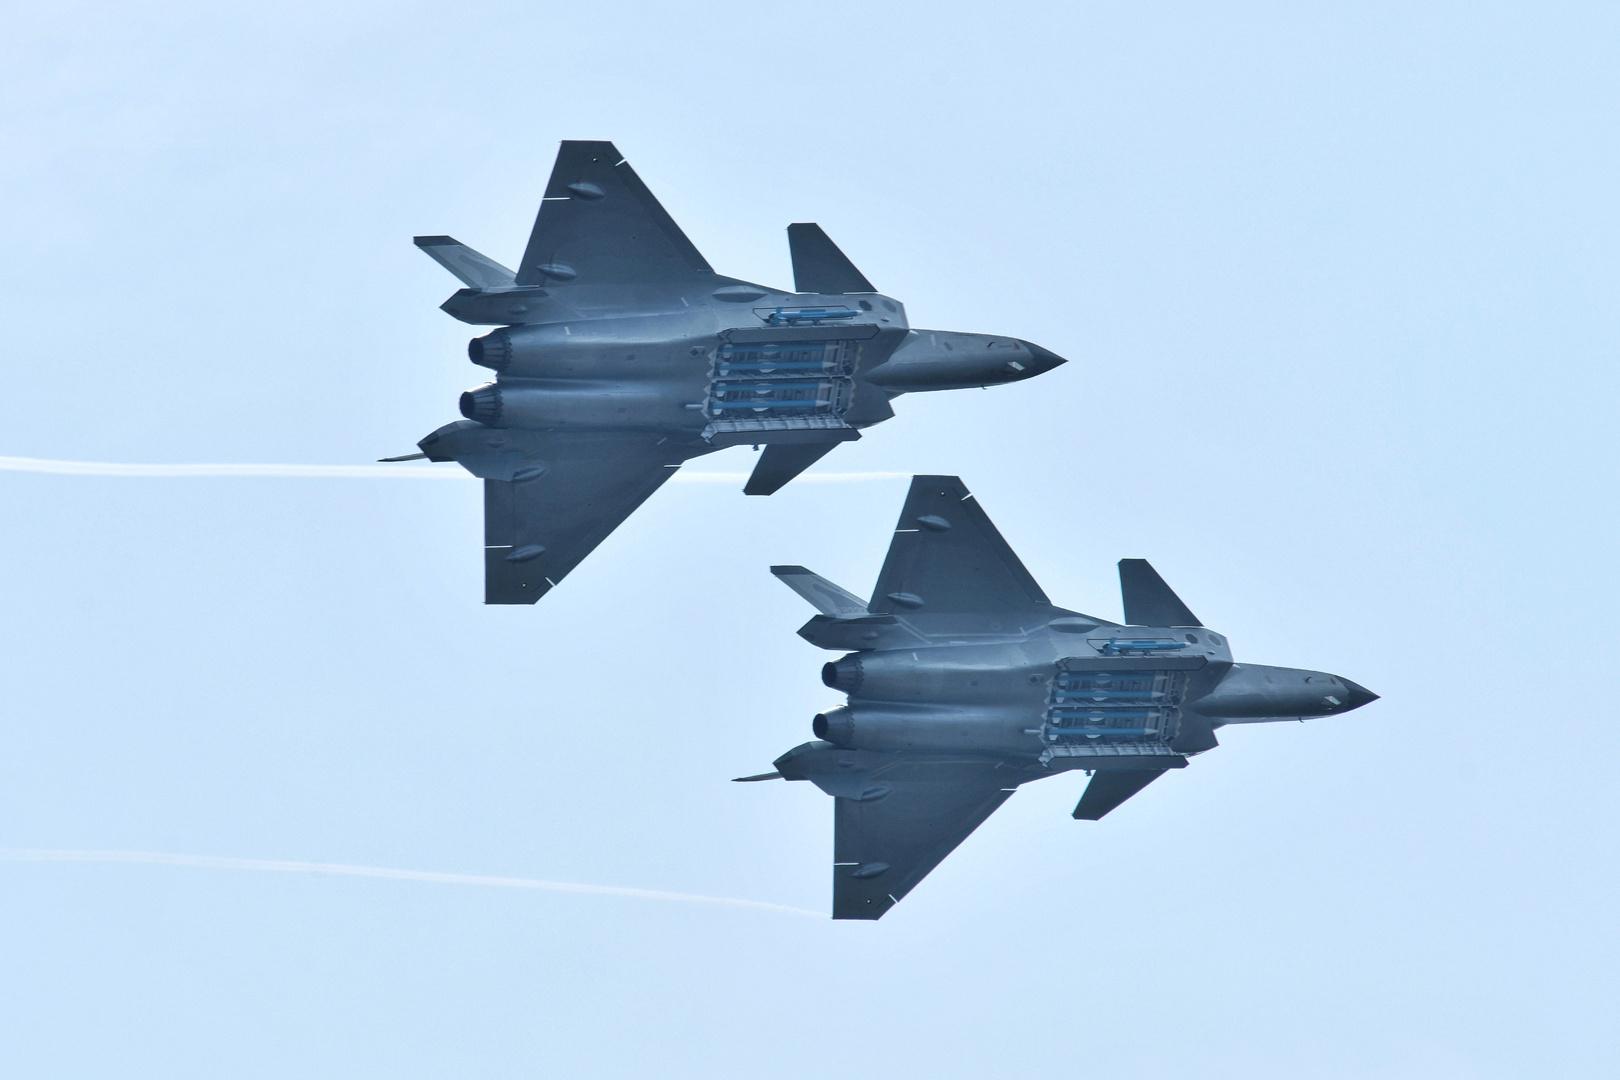 تايوان تتهم الصين لليوم الثاني بخرق أجوائها عقب وصول حاملة طائرات أمريكية إلى المنطقة